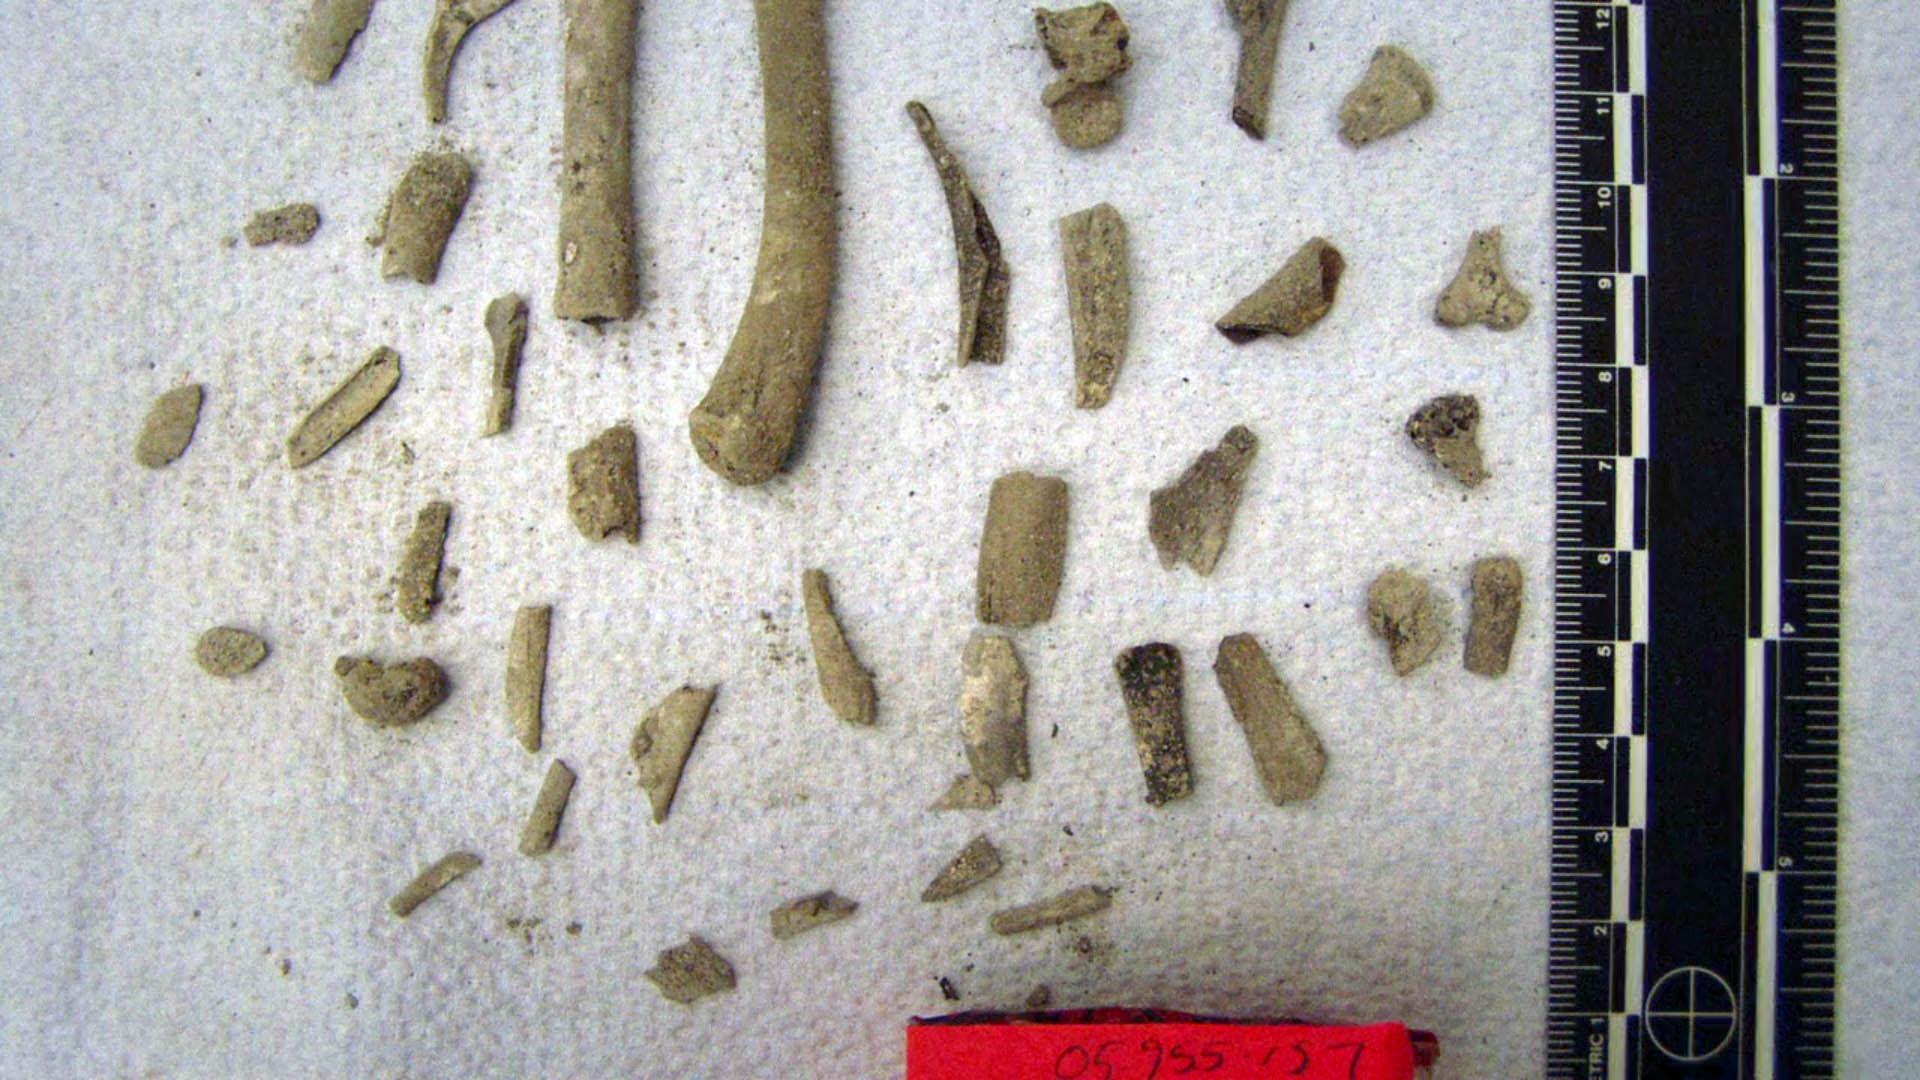 exhibit-bones-6